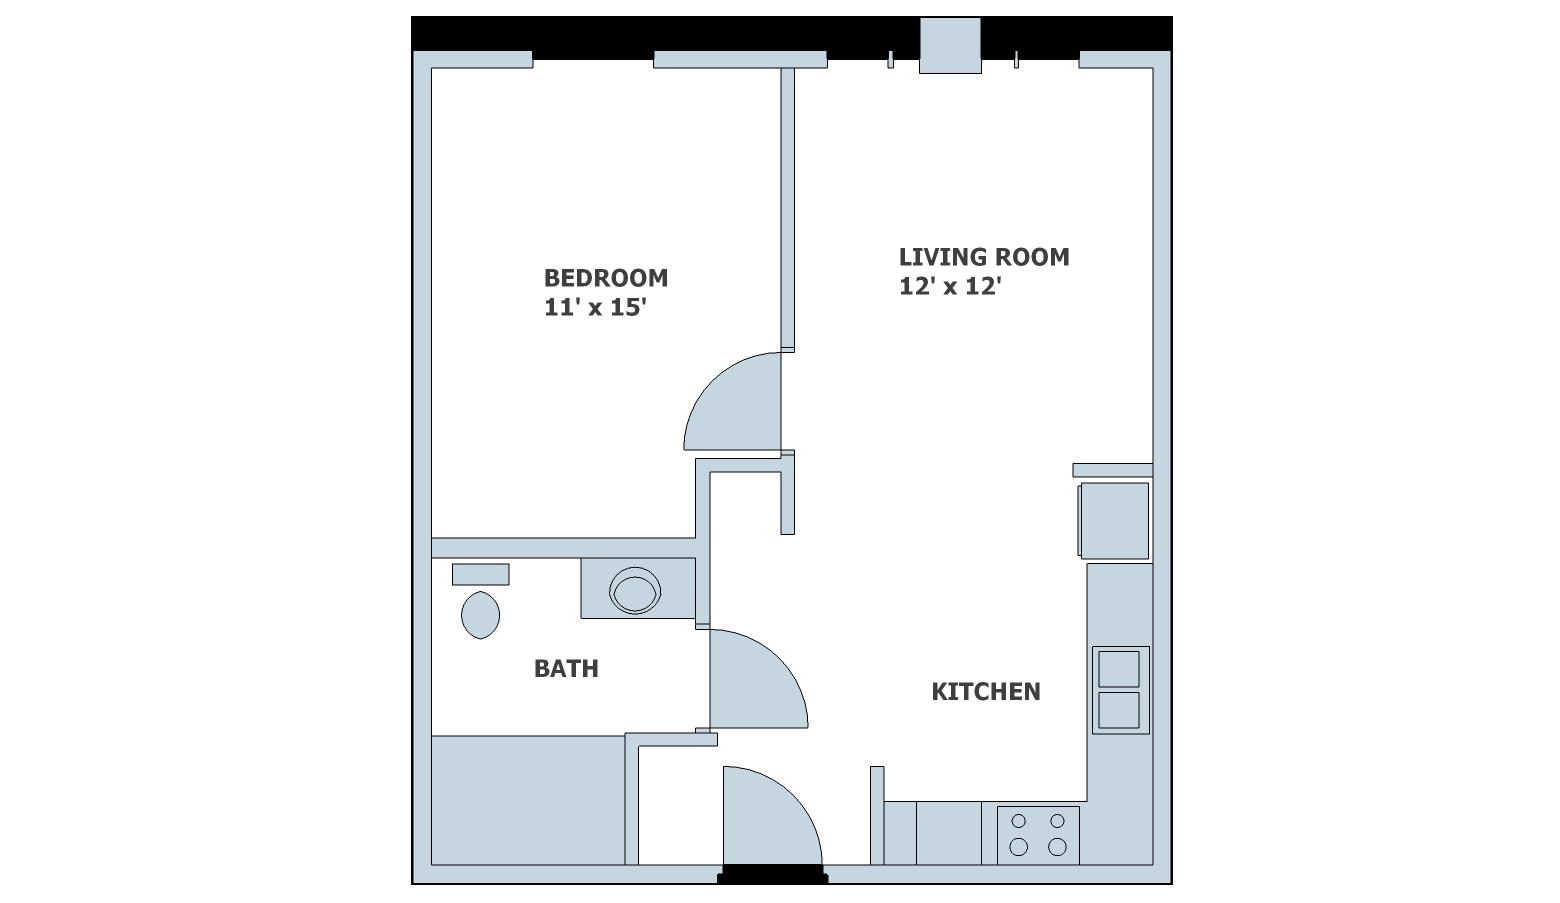 mounds-view-gables-floor-plan-unit-a-1